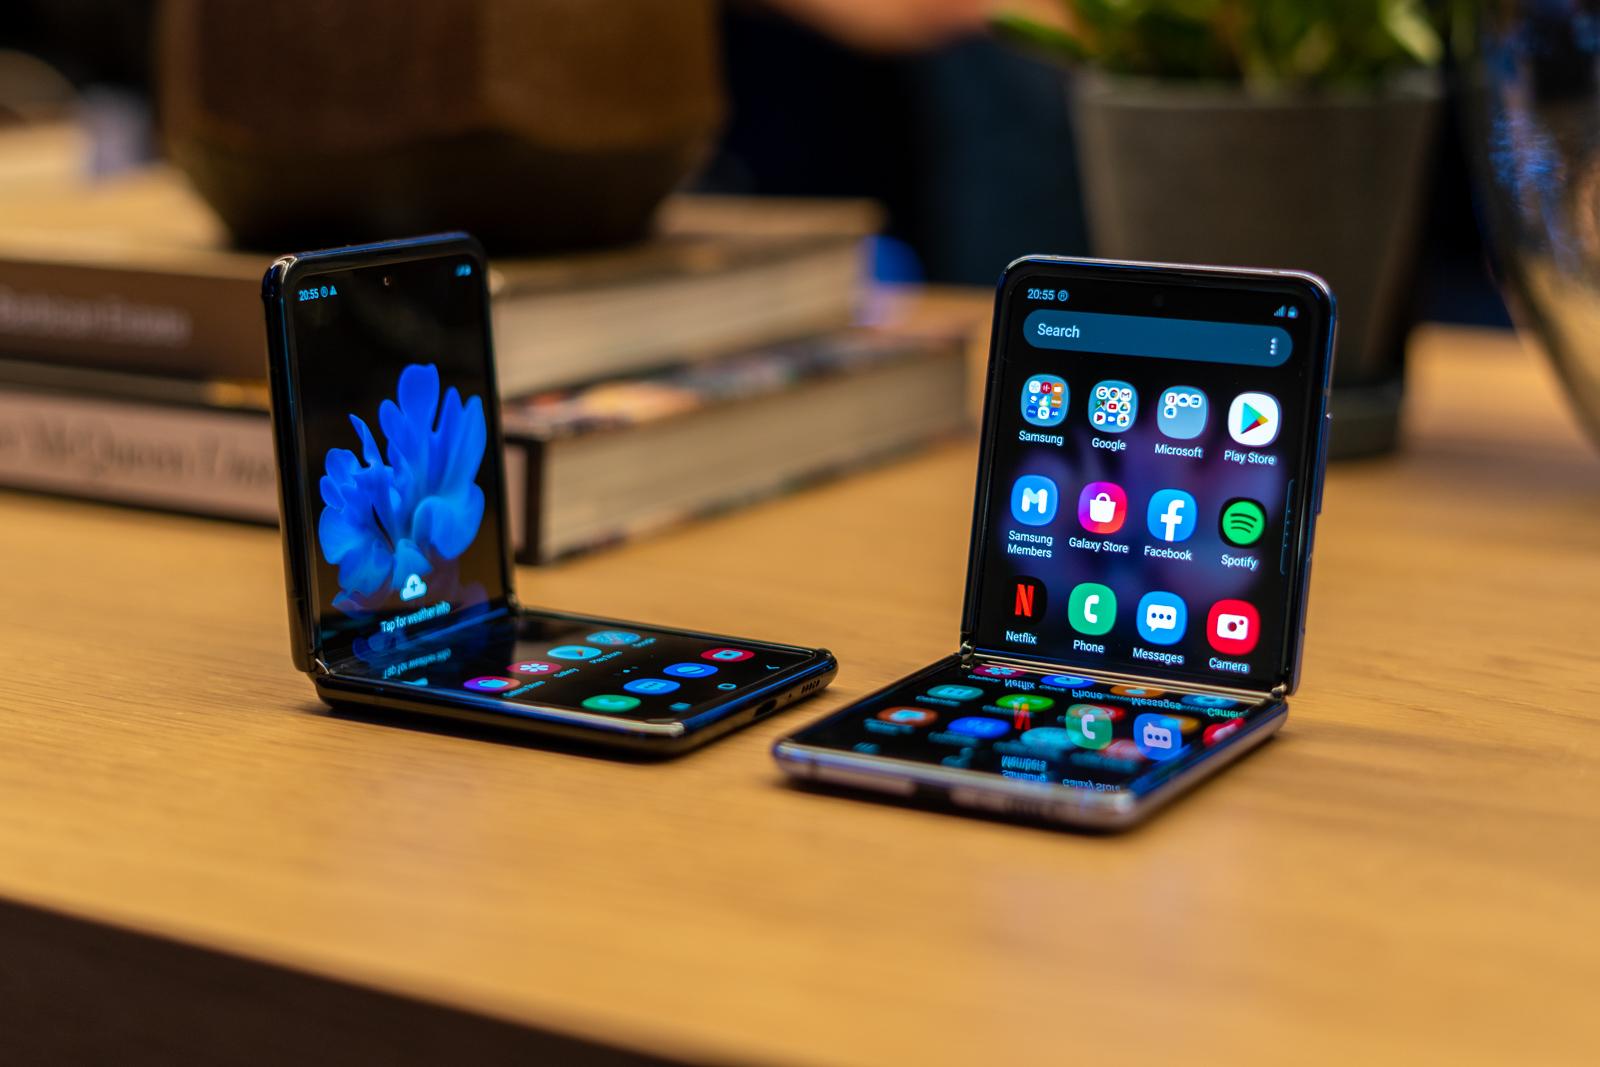 Samsung pantaila Galaxy Flip-ekin beira malguaz estaltzen da.  Halako zerbait existitzen den egiaztatu dugu